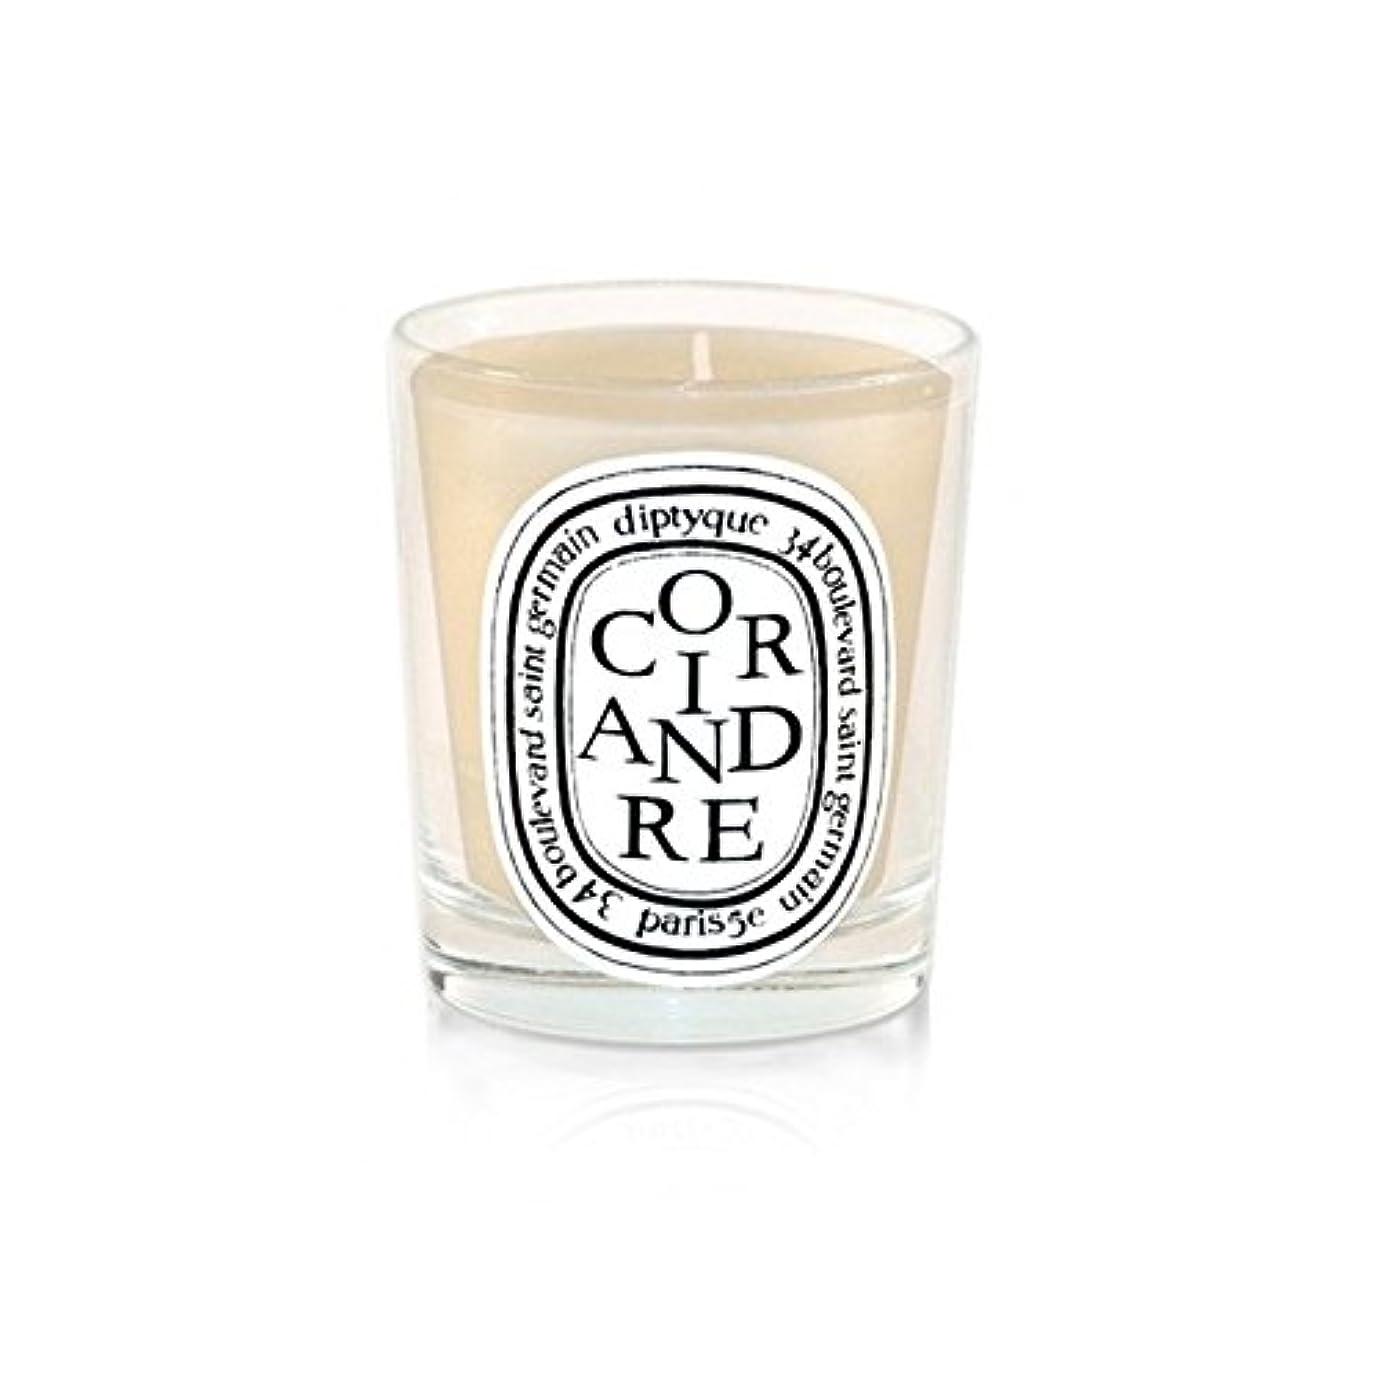 偽善それ打ち負かすDiptyqueキャンドルCoriandre /コリアンダー190グラム - Diptyque Candle Coriandre / Coriander 190g (Diptyque) [並行輸入品]